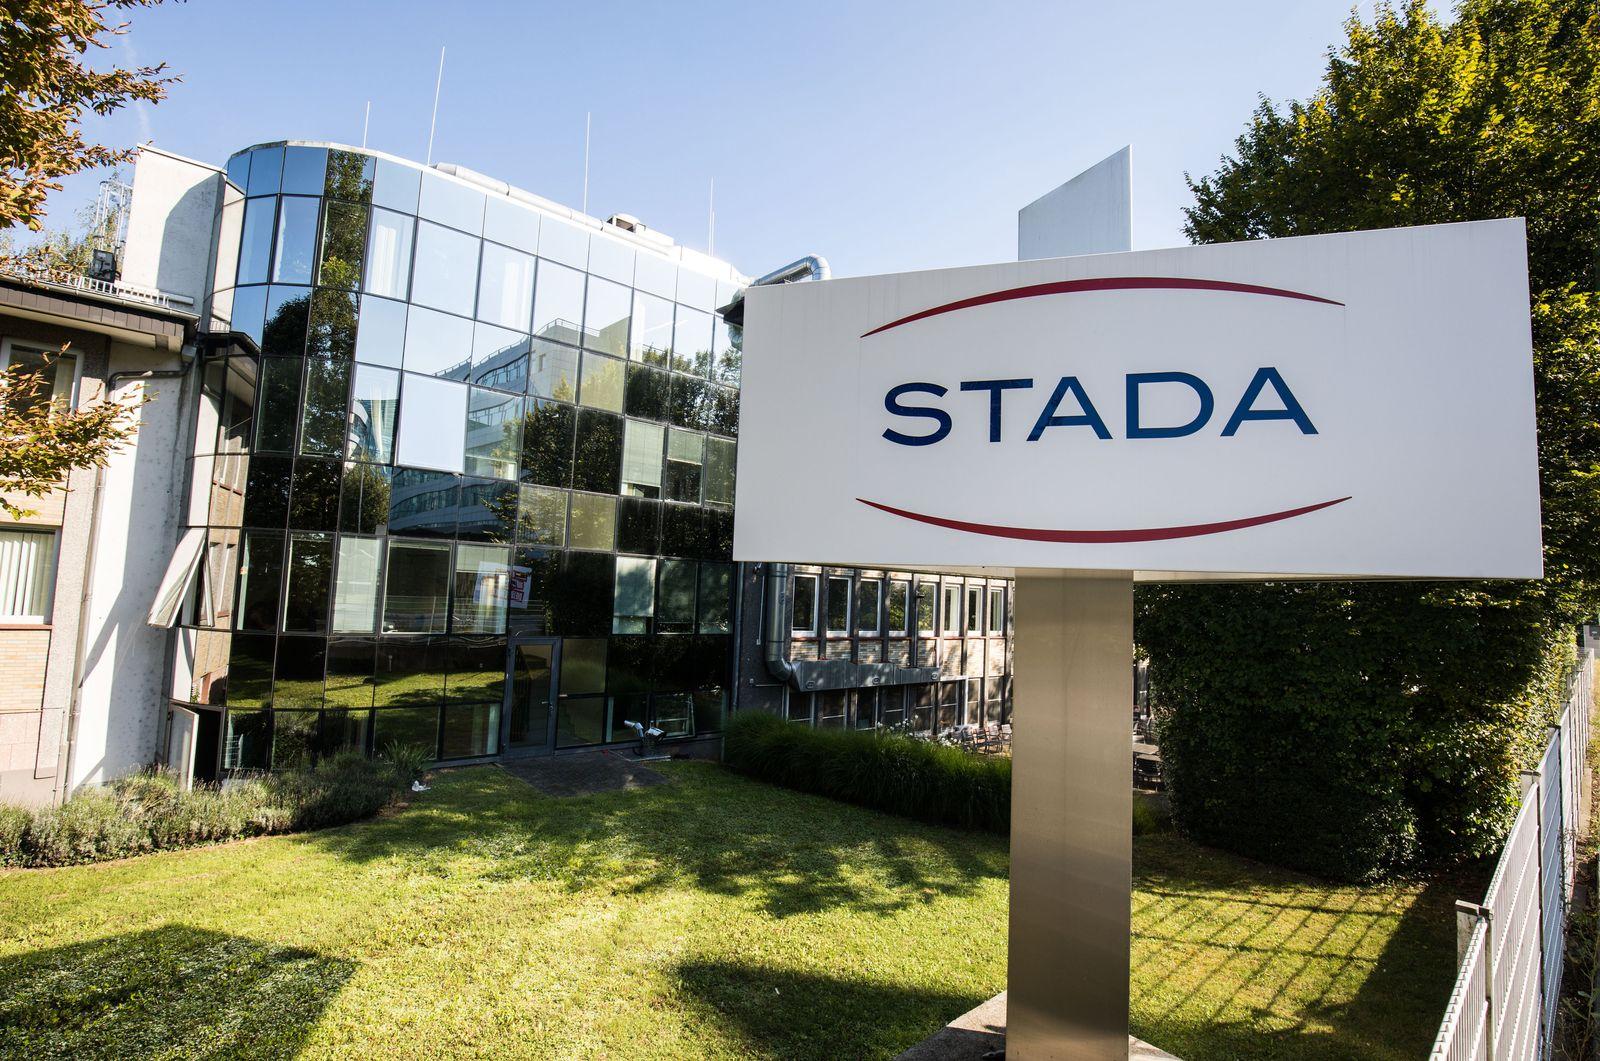 Stada / Schild mit dem Firmenlogo / Bad Vilbel